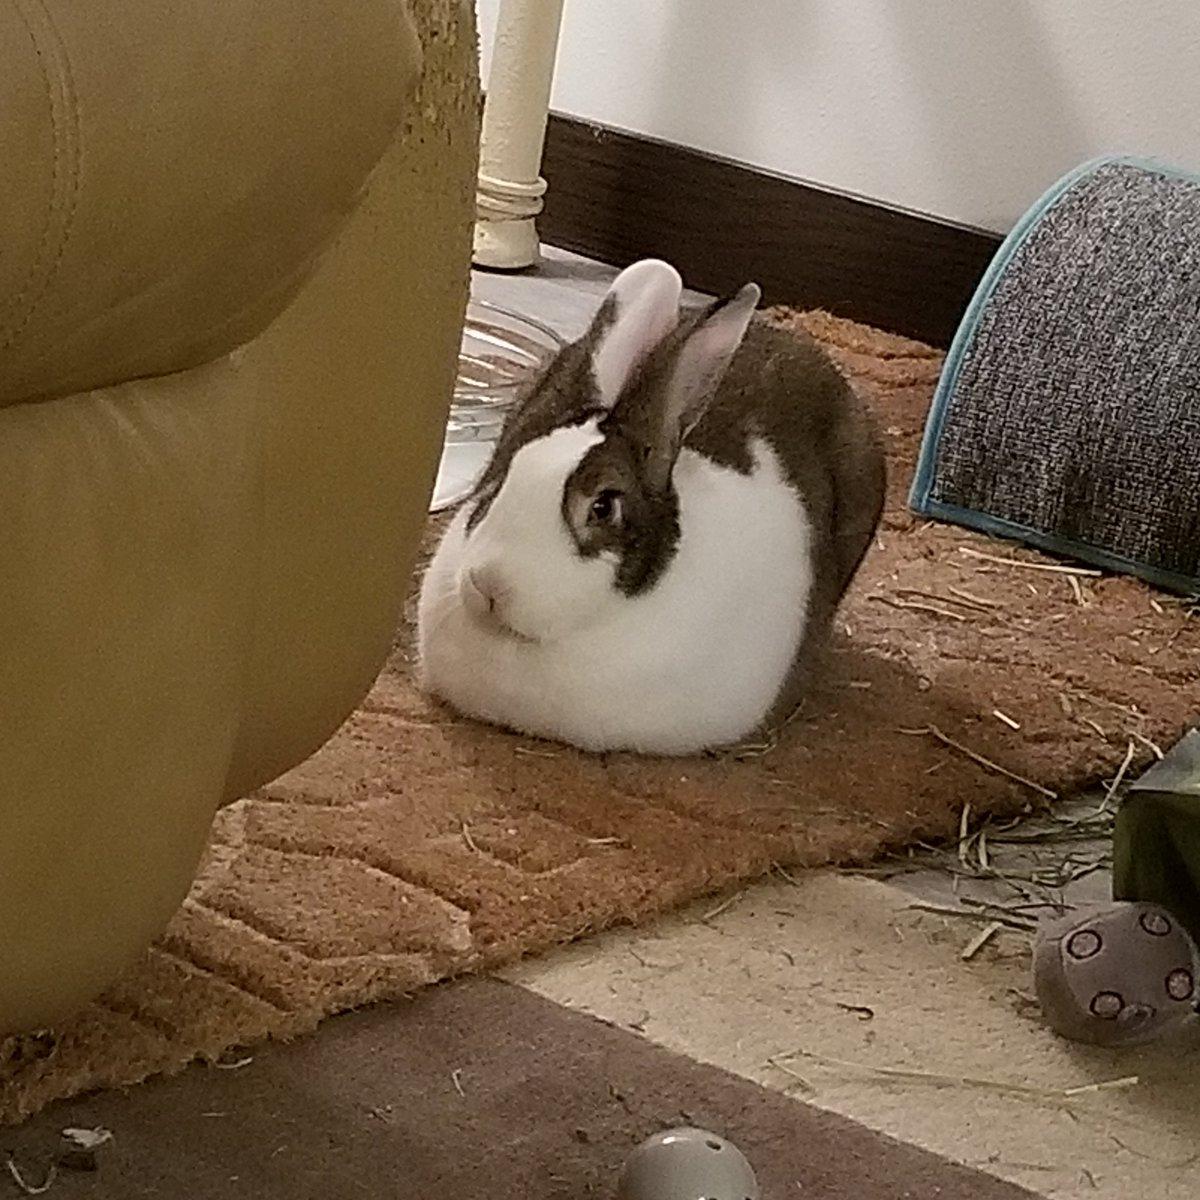 I have a strange loaf of bread in my living room. What should I do? #bunnyloaf